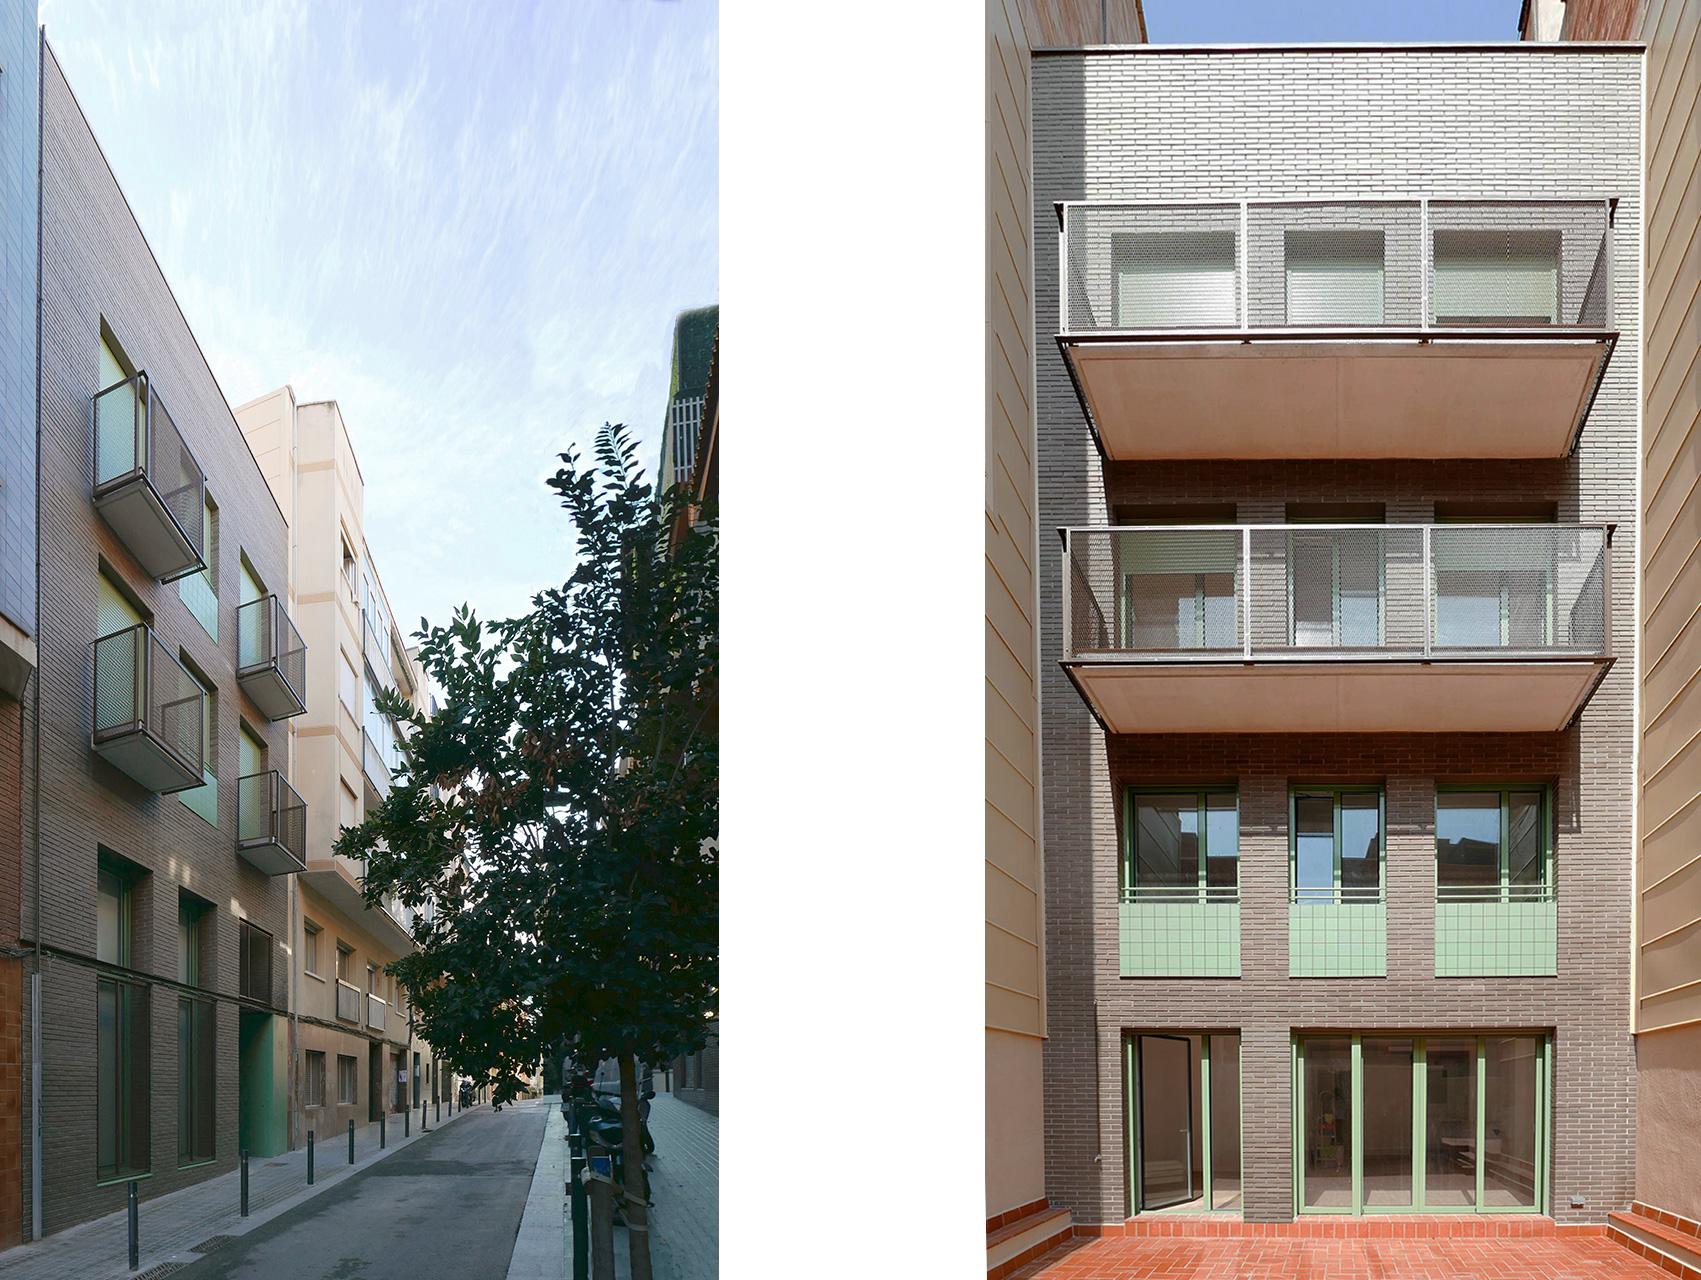 Façana principal i façana posterior, edifici plurifamiliar carrer Juan Bravo